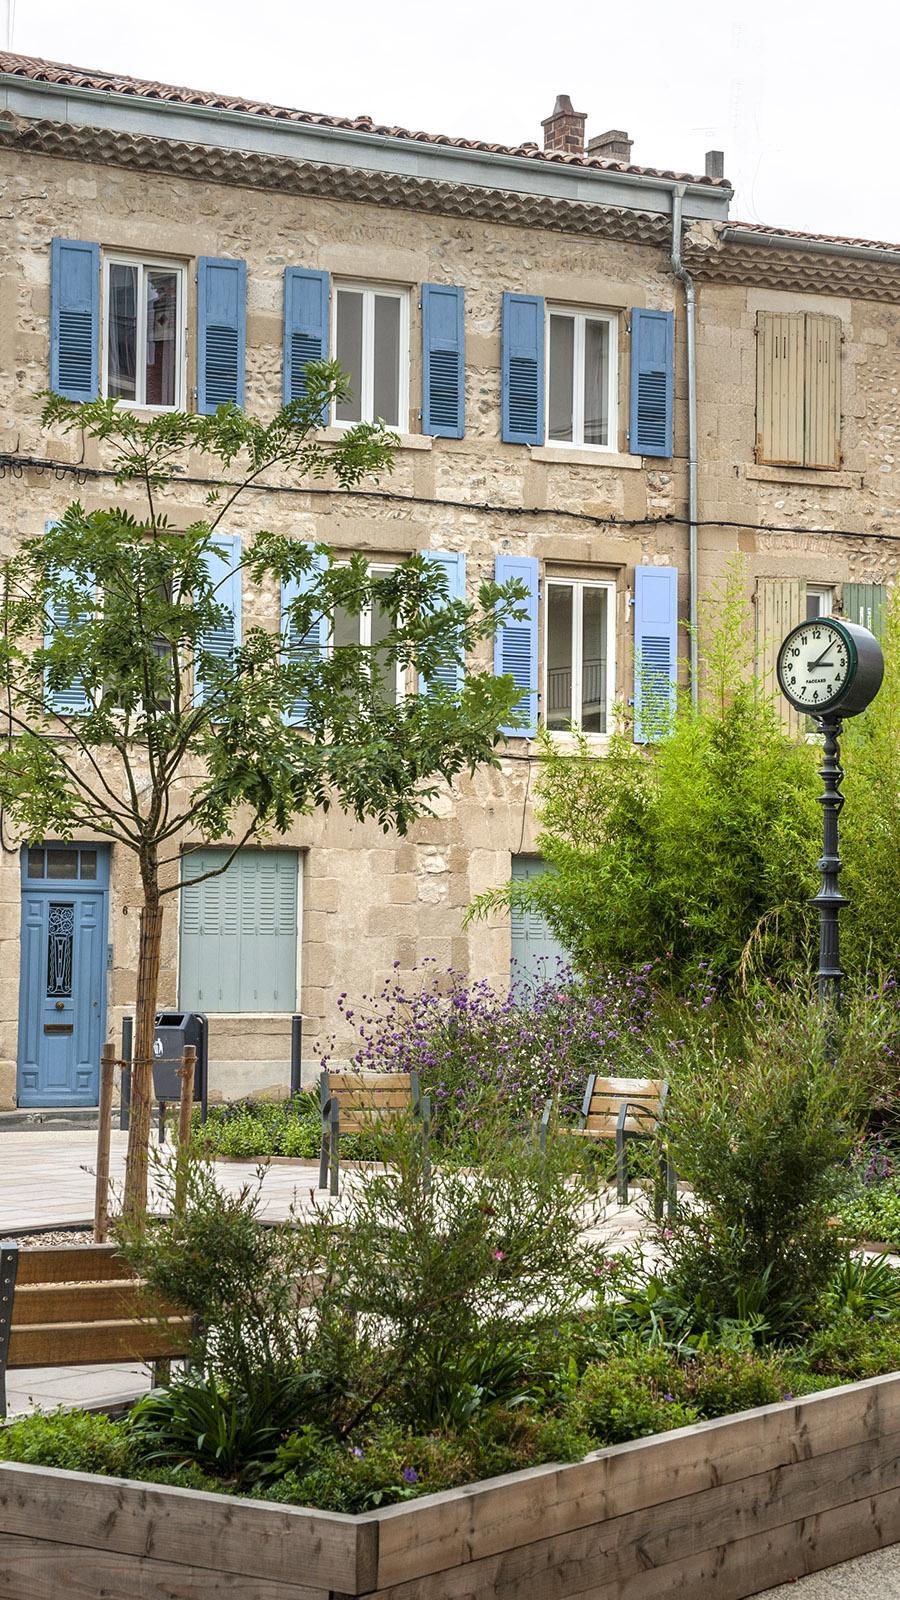 Valence: Idyllisch und einsam: ein Platz in der Altstadt von Valence. Foto: Hilke Maunder